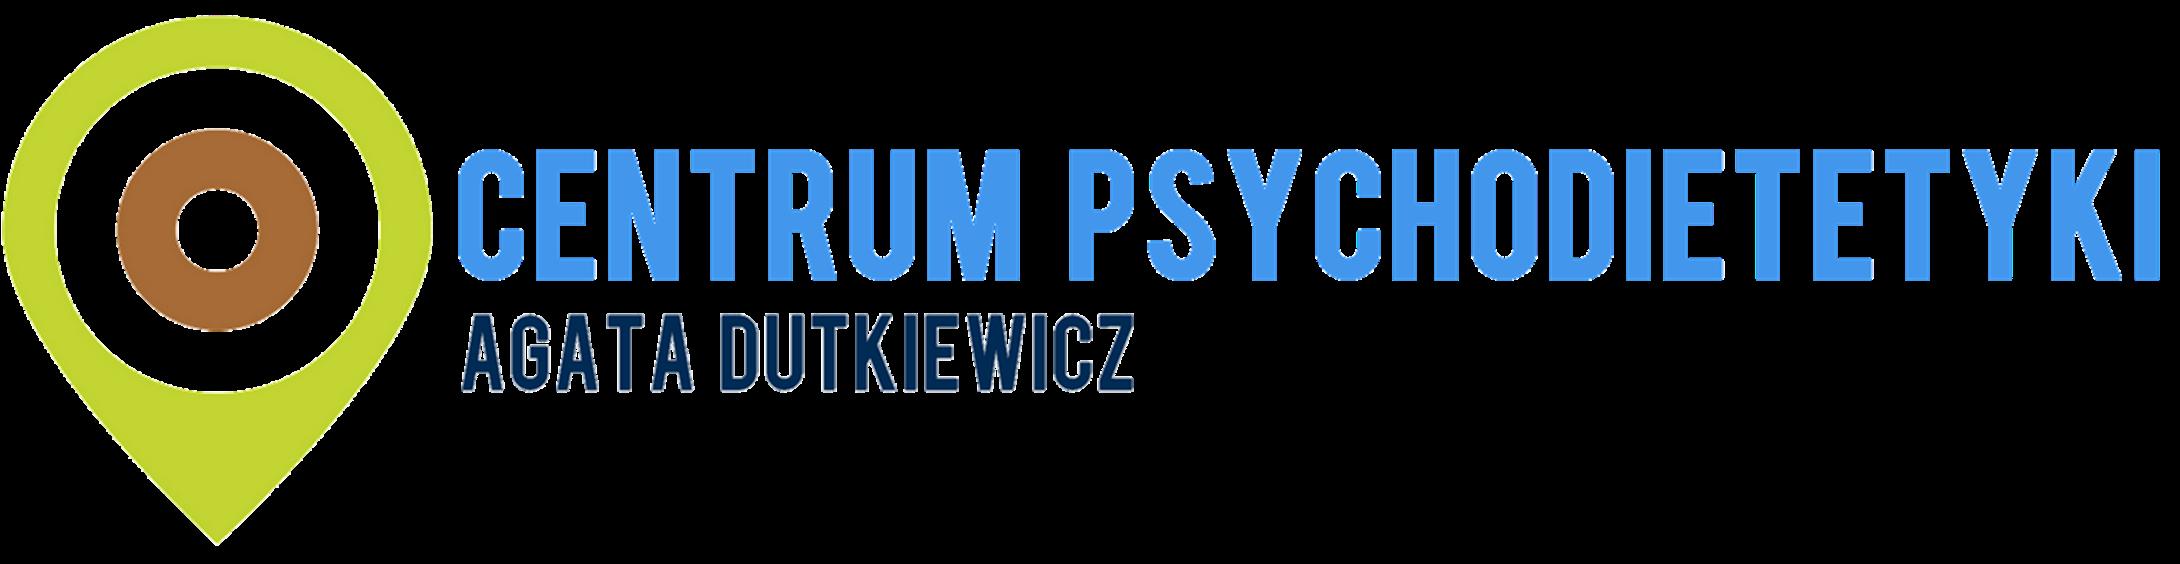 Centrum Psychodietetyki